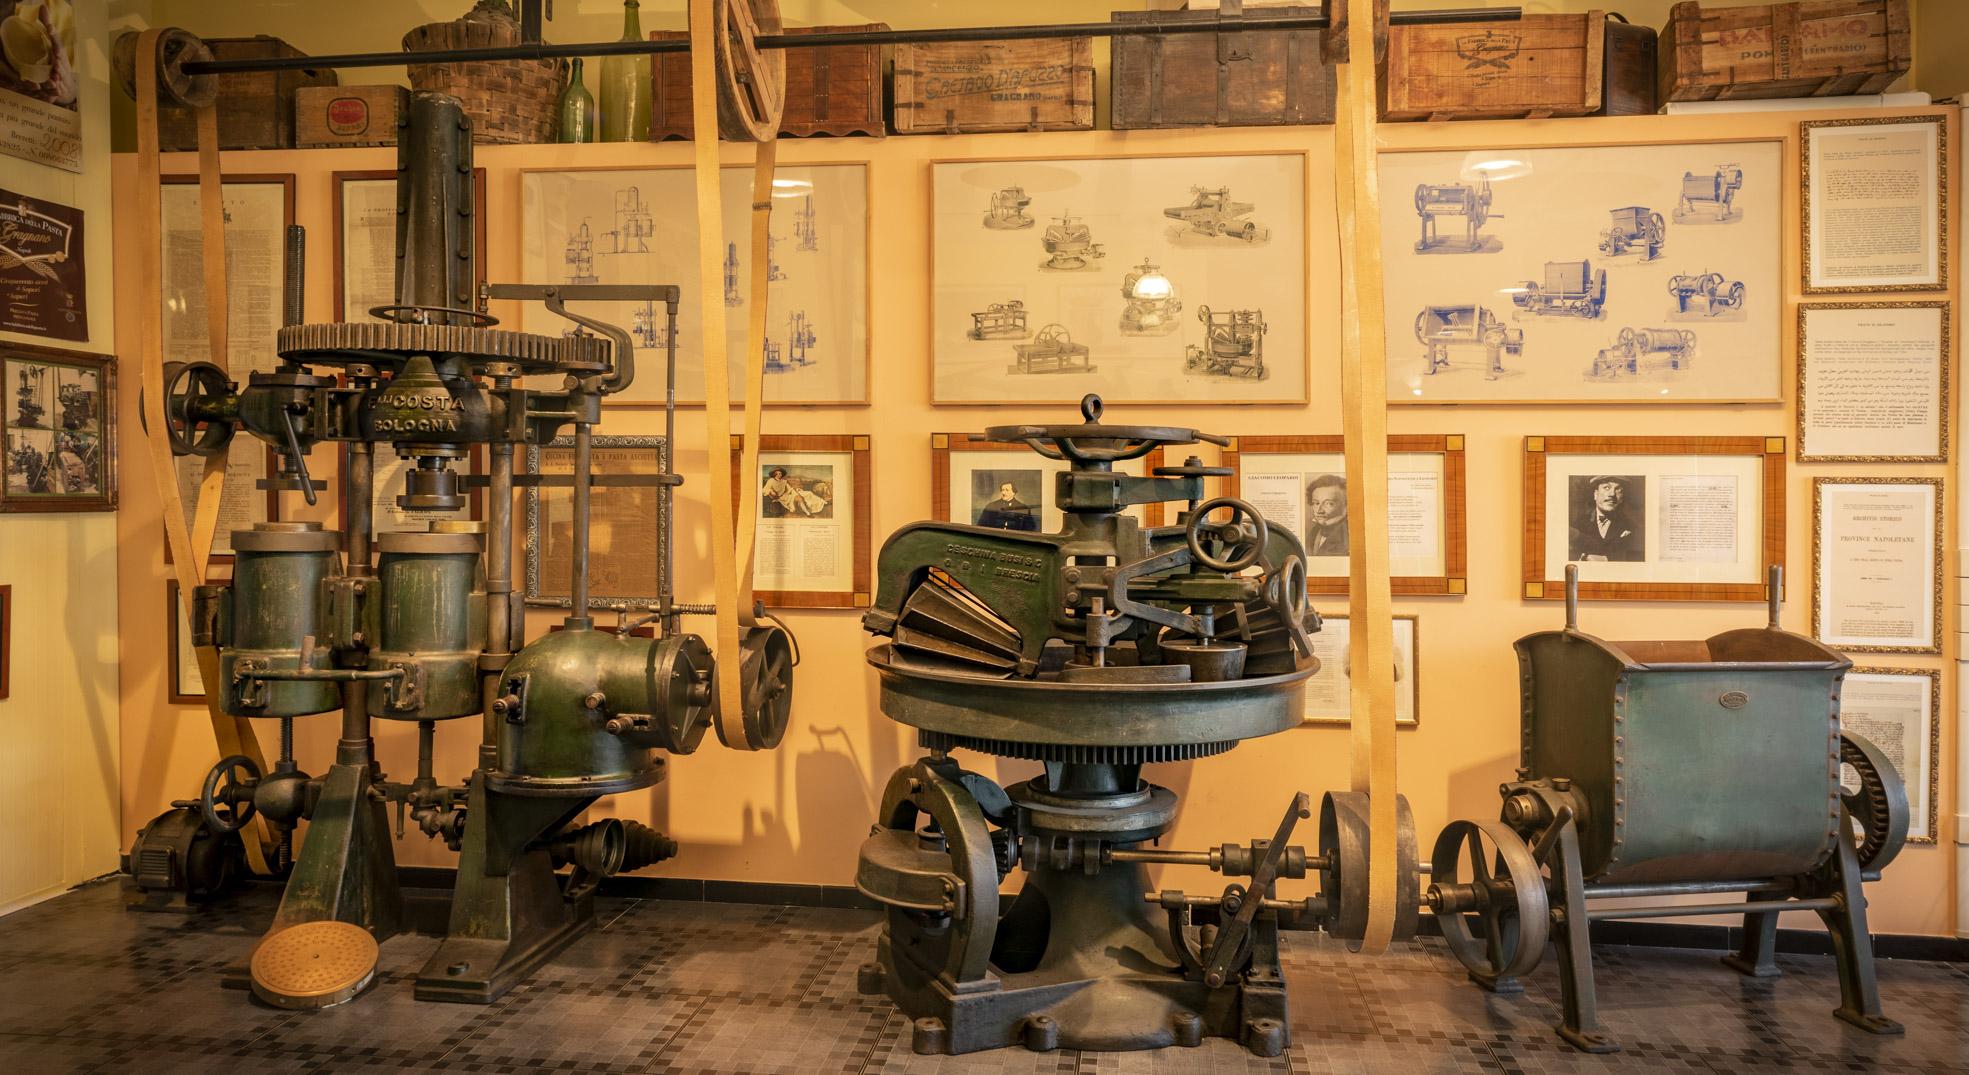 Museo Privato Fabbrica Pasta Gragnano Macchine Impastatrici LoveItalia